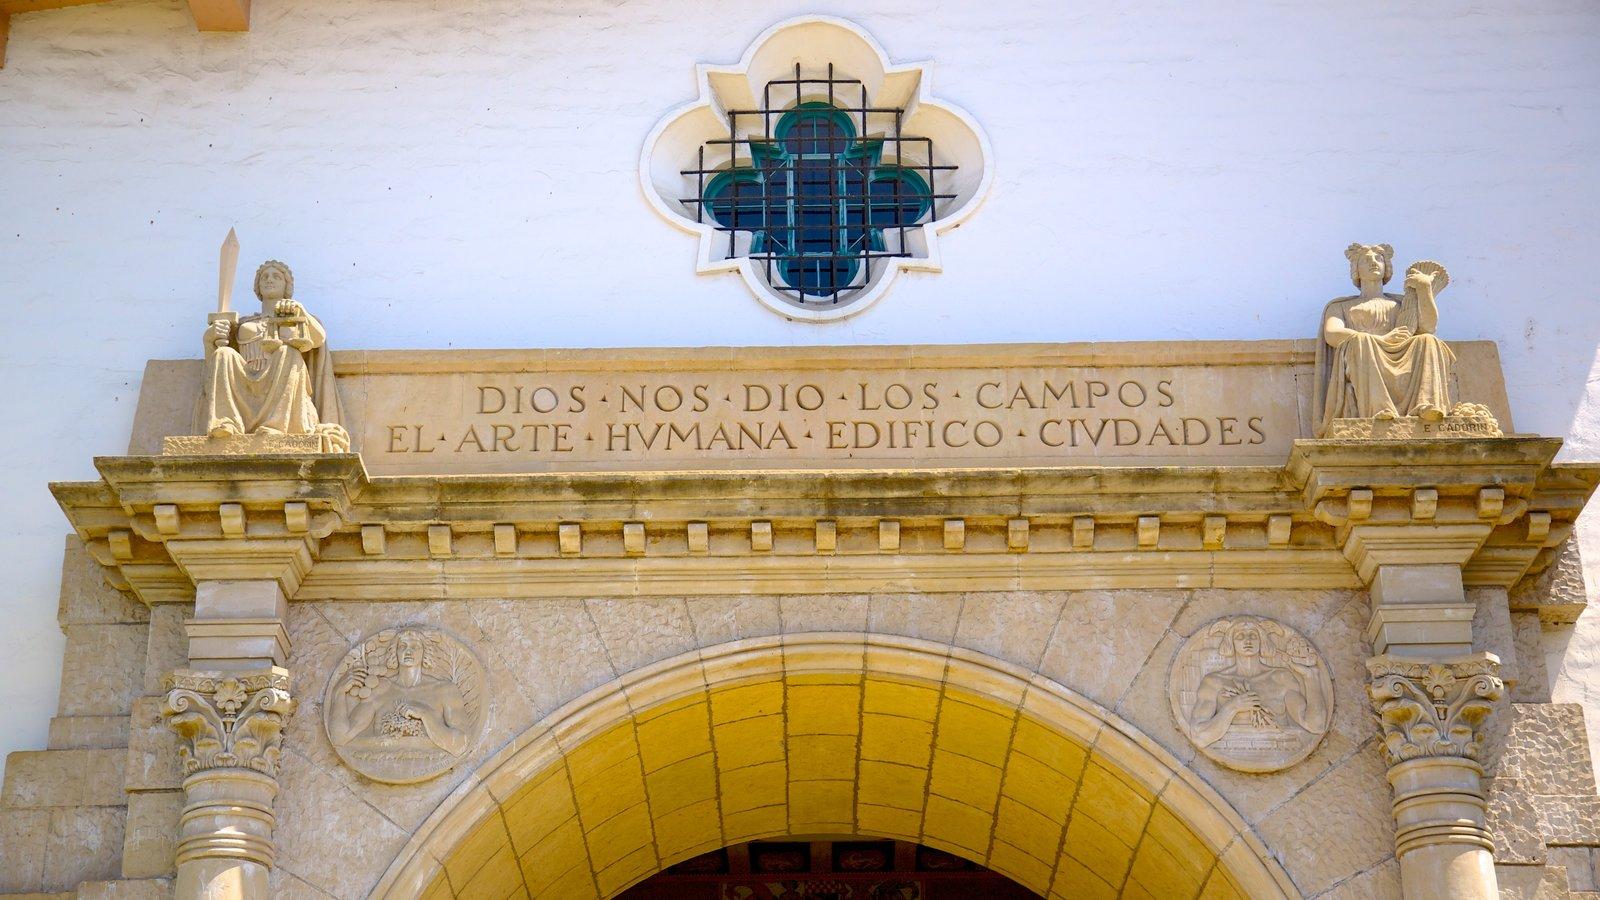 Corte do Condado de Santa Bárbara caracterizando arquitetura de patrimônio, sinalização e um edifício administrativo